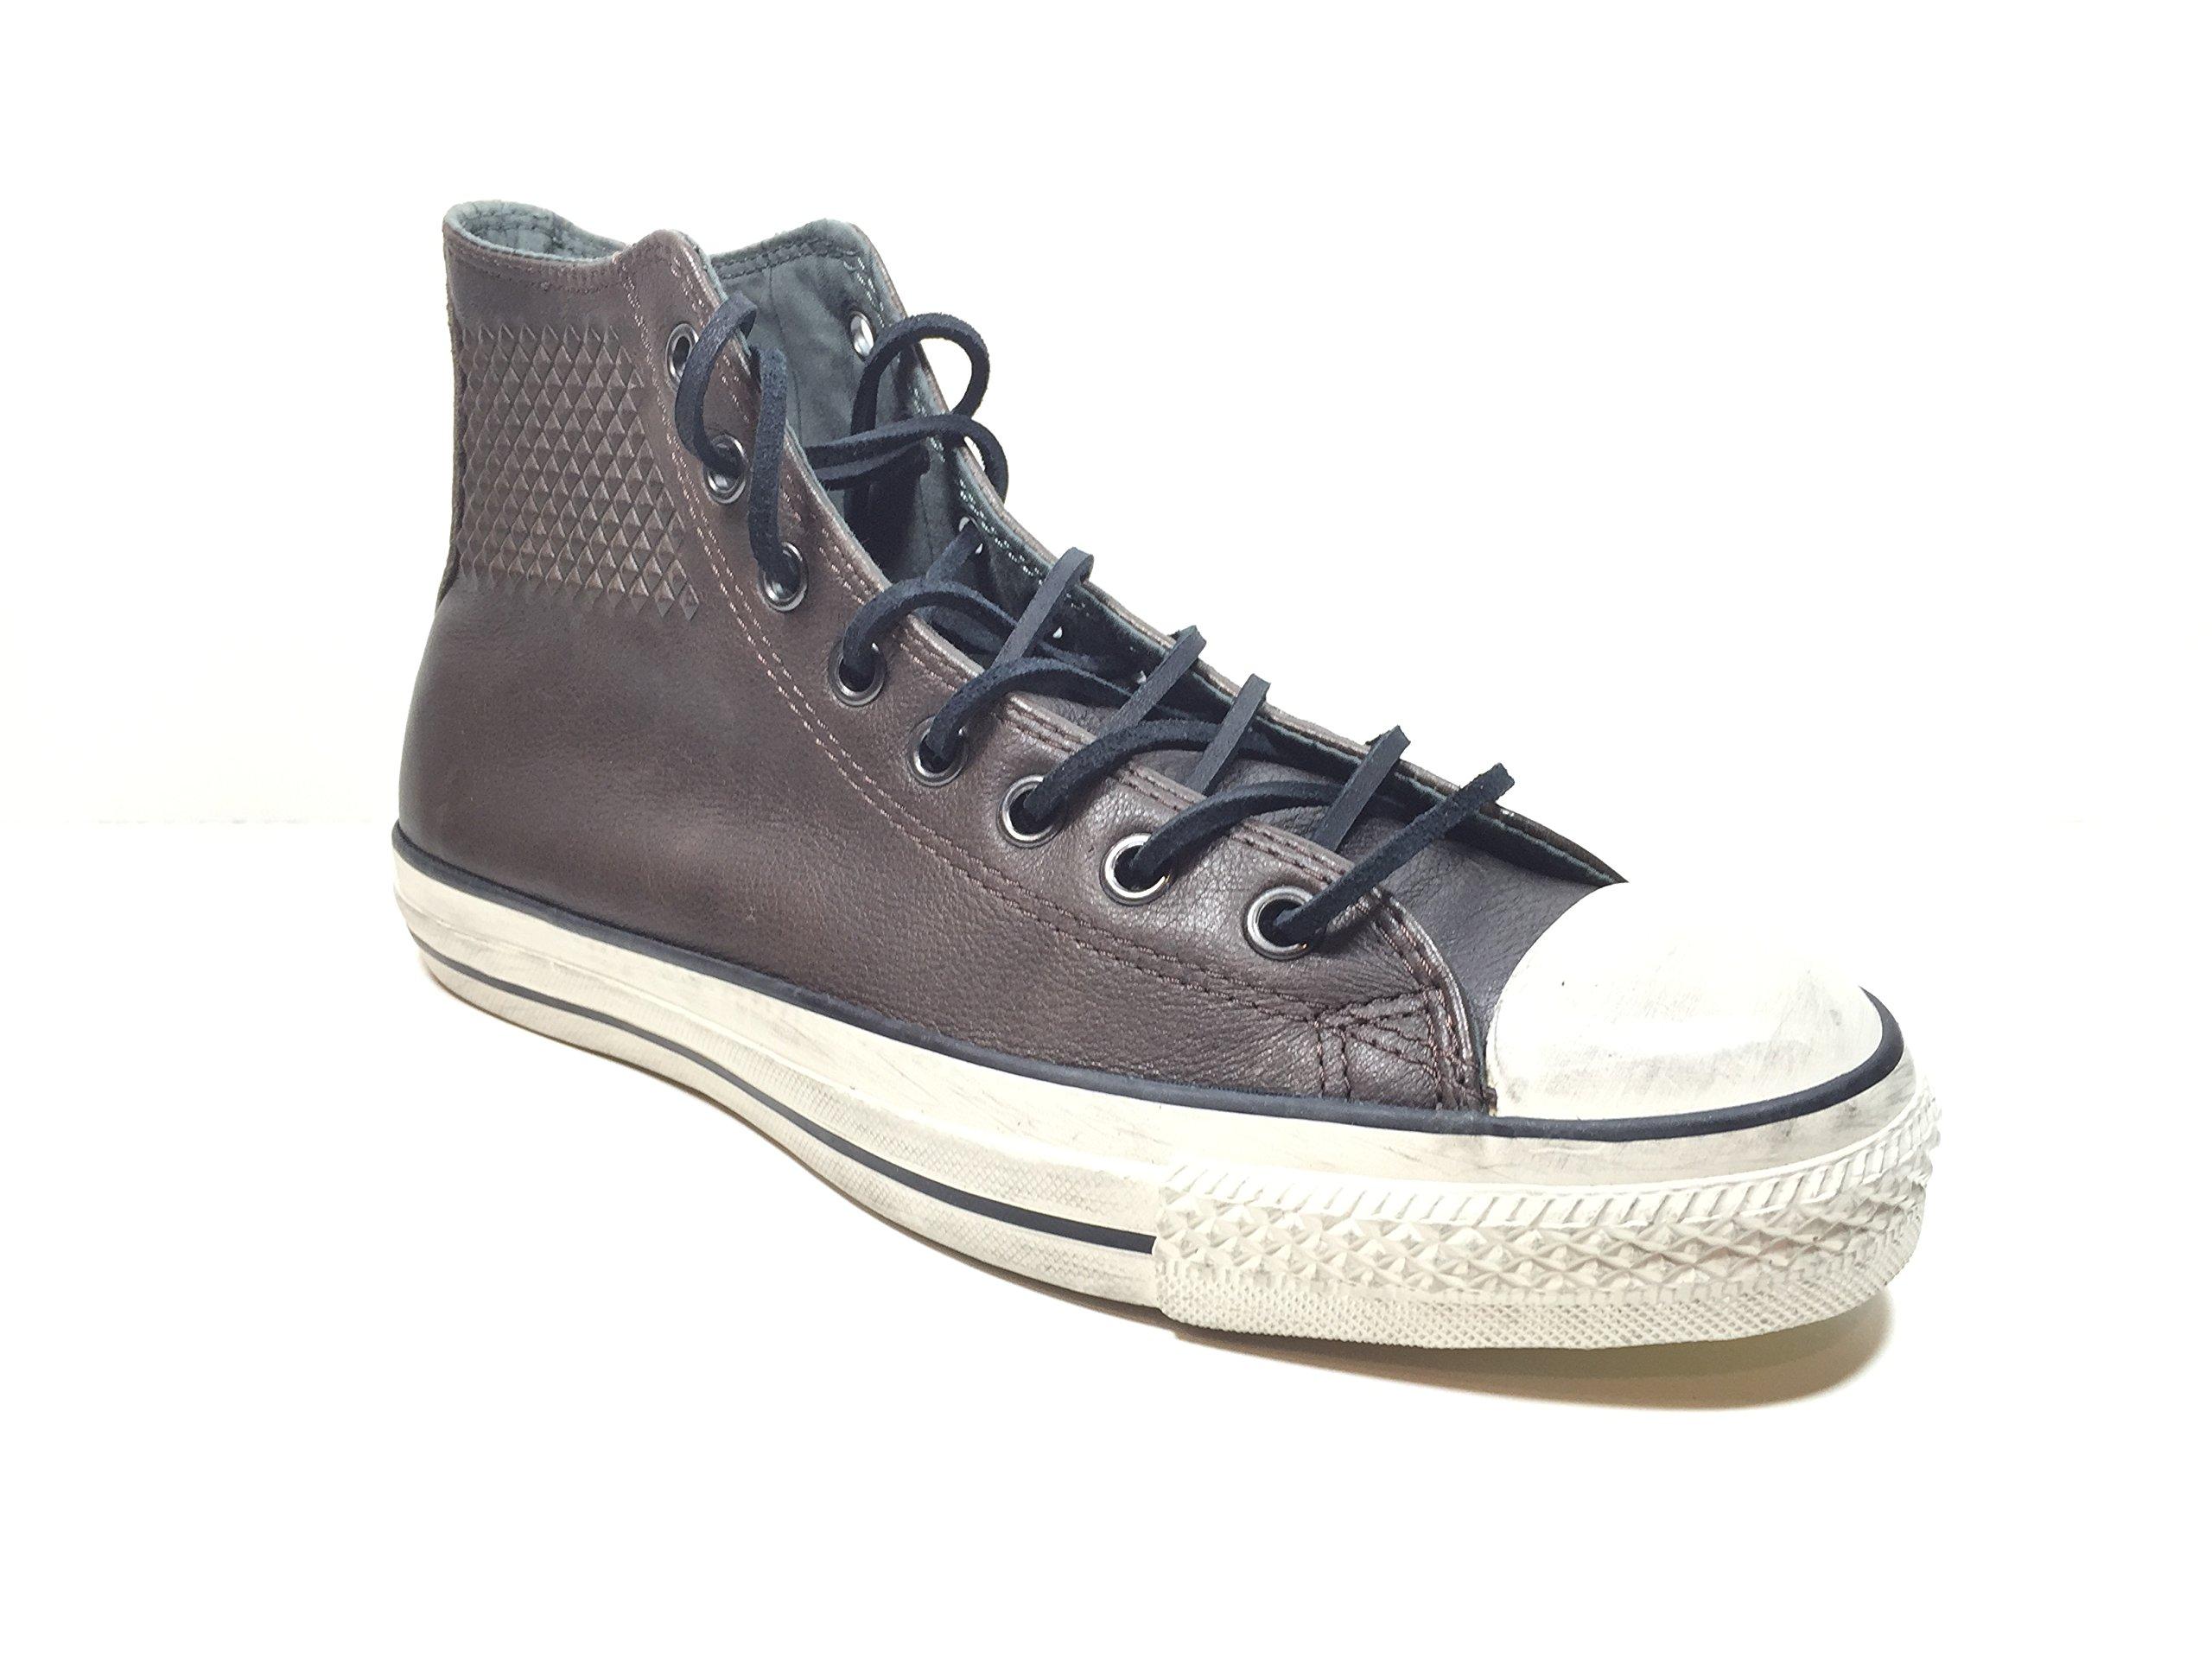 5014ec3721ad Converse by John Varvatos Men s Ct Embossed Stud Leather Sneaker Brown